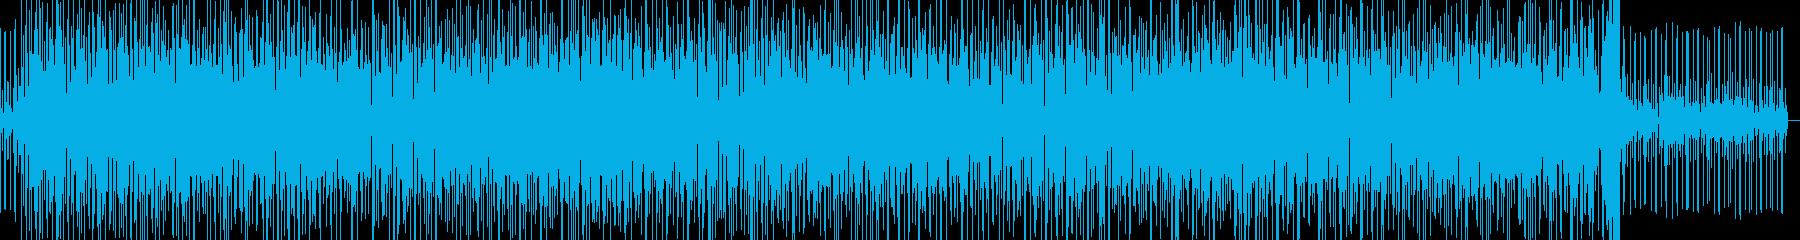 チャチャファンクとカスタネットの再生済みの波形